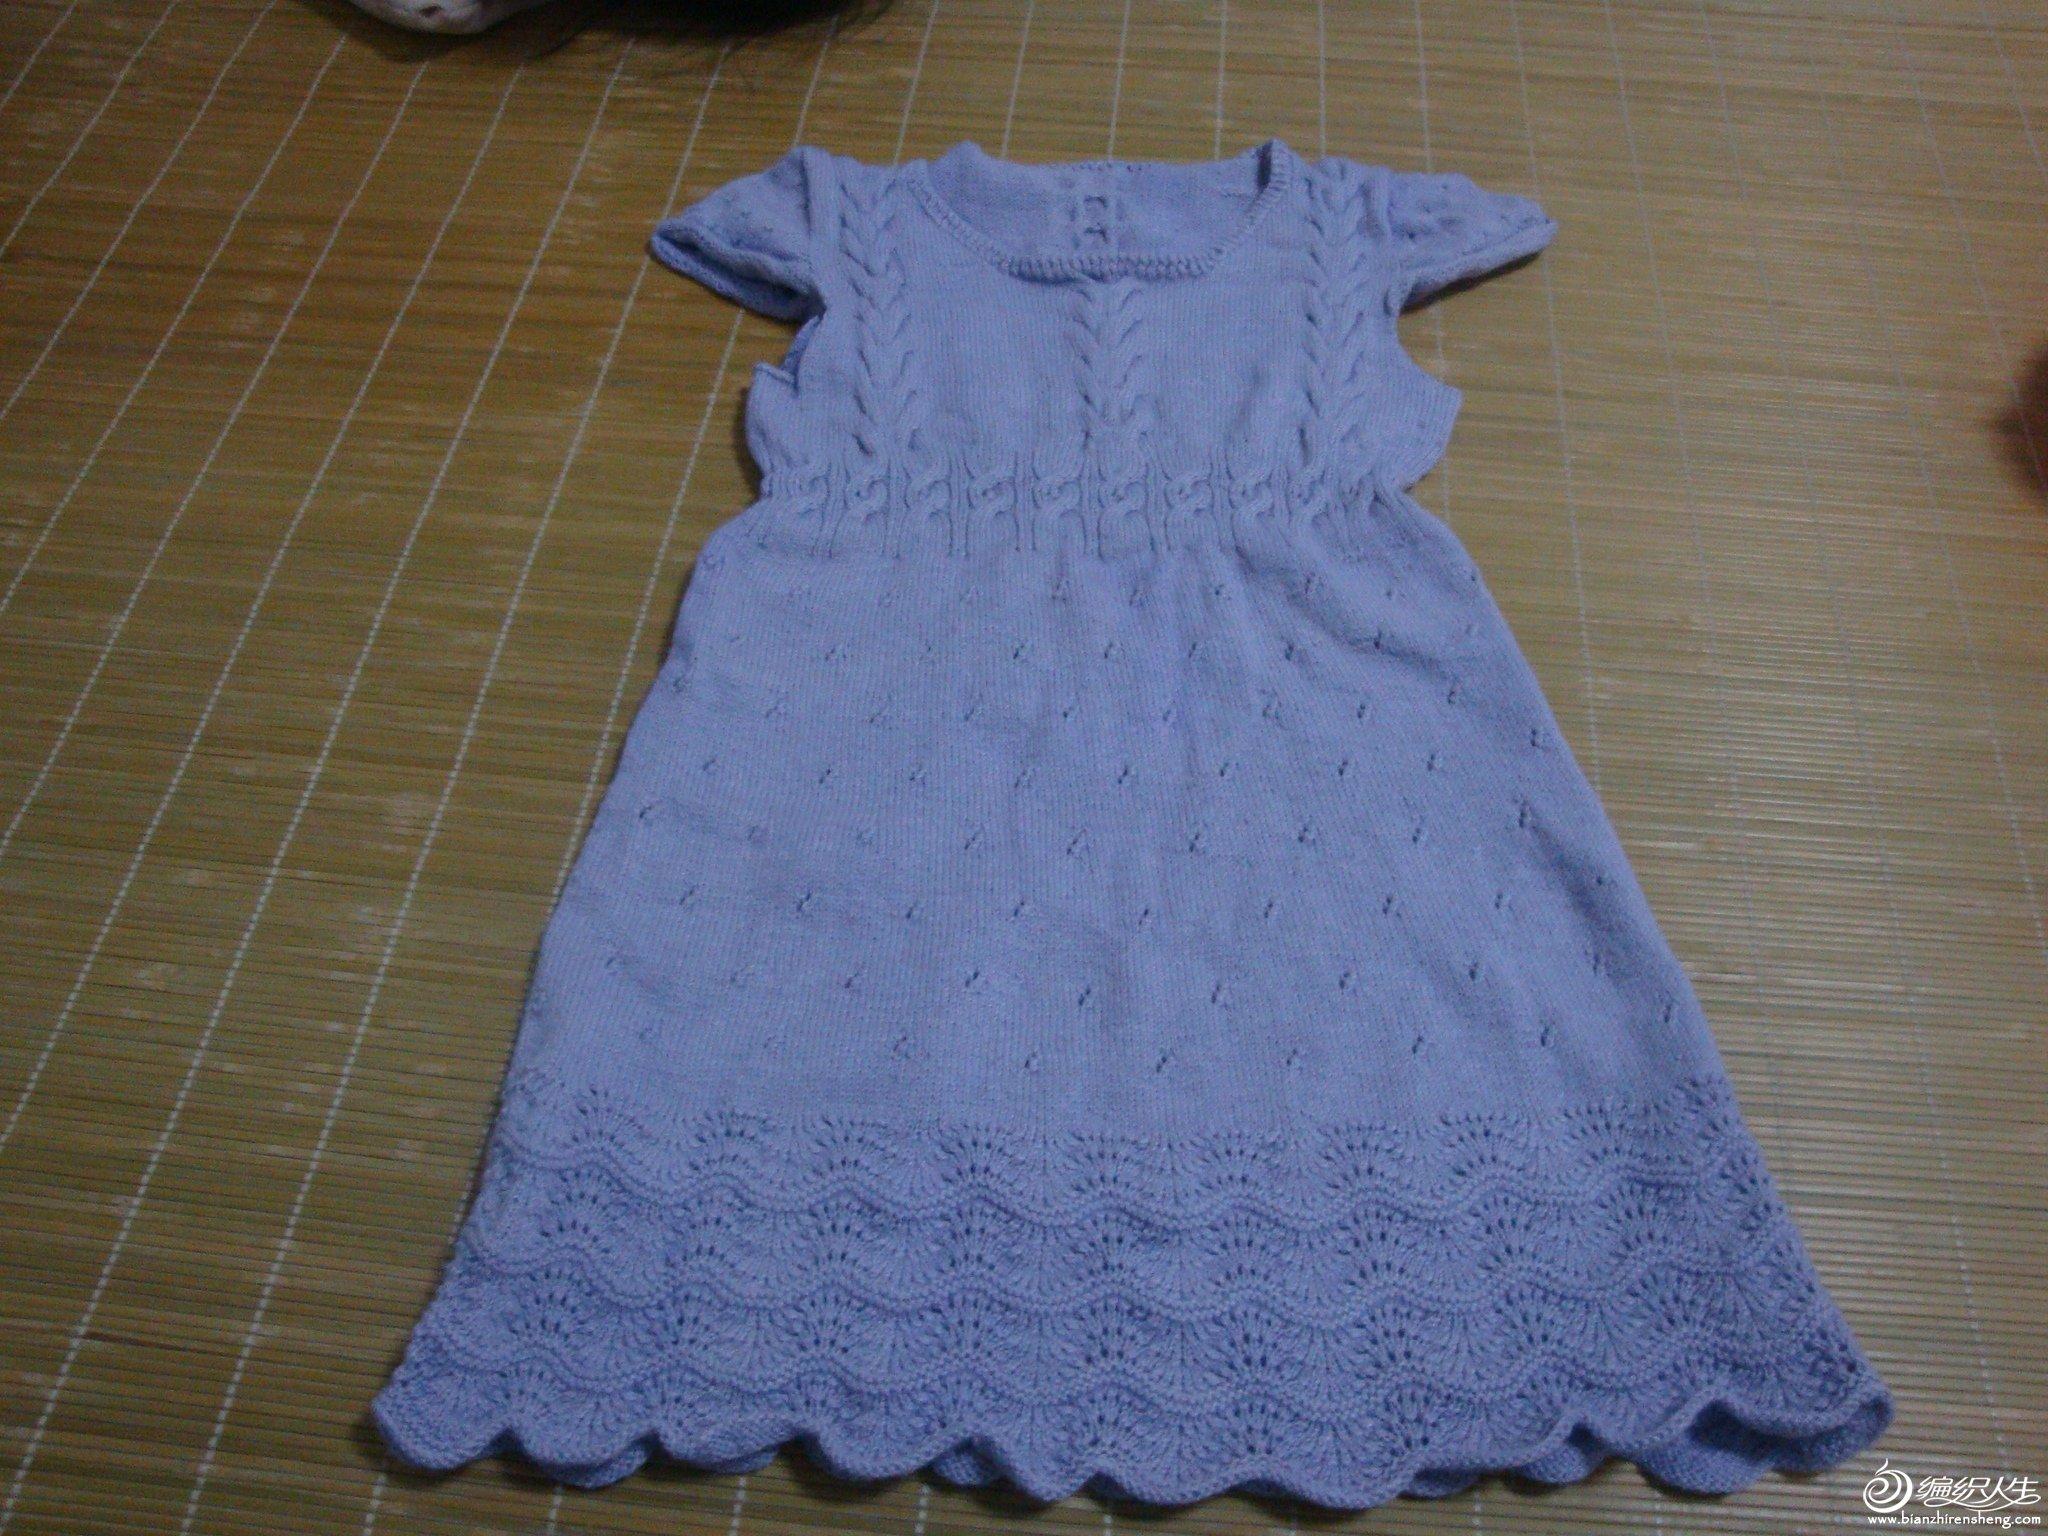 40元一斤淘的羊绒线,给女儿织了一件裙子,随便穿穿。花样也是自己乱织的。